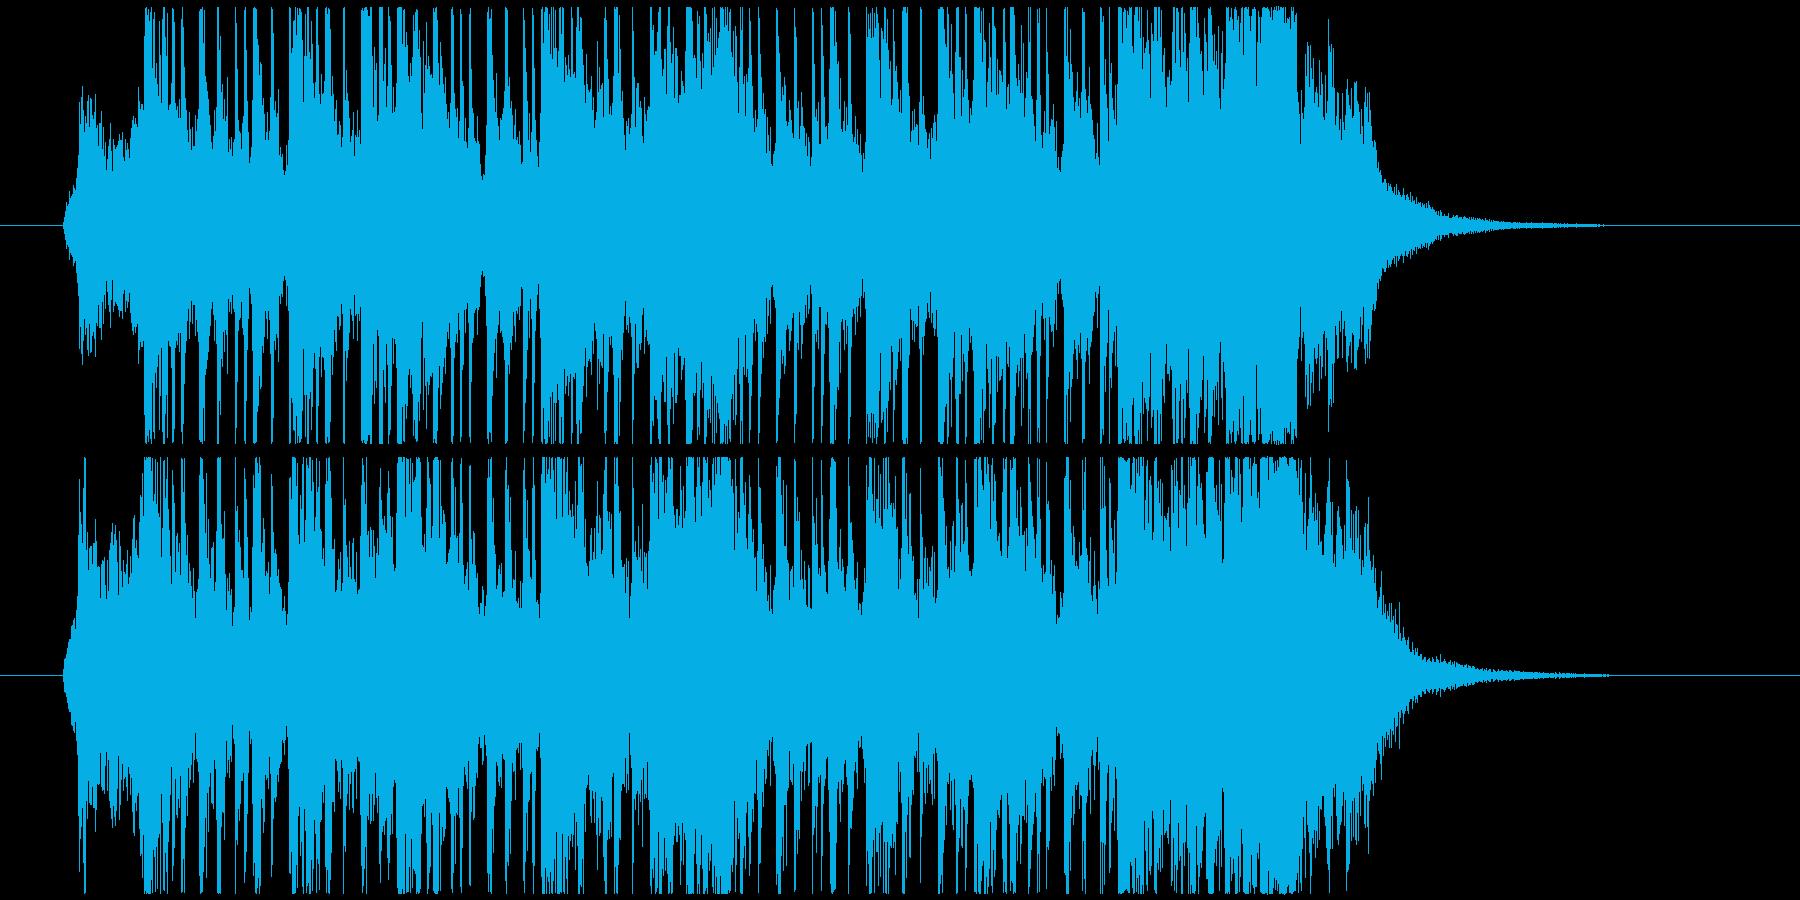 太鼓や掛け声が本格的な和風ジングルの再生済みの波形